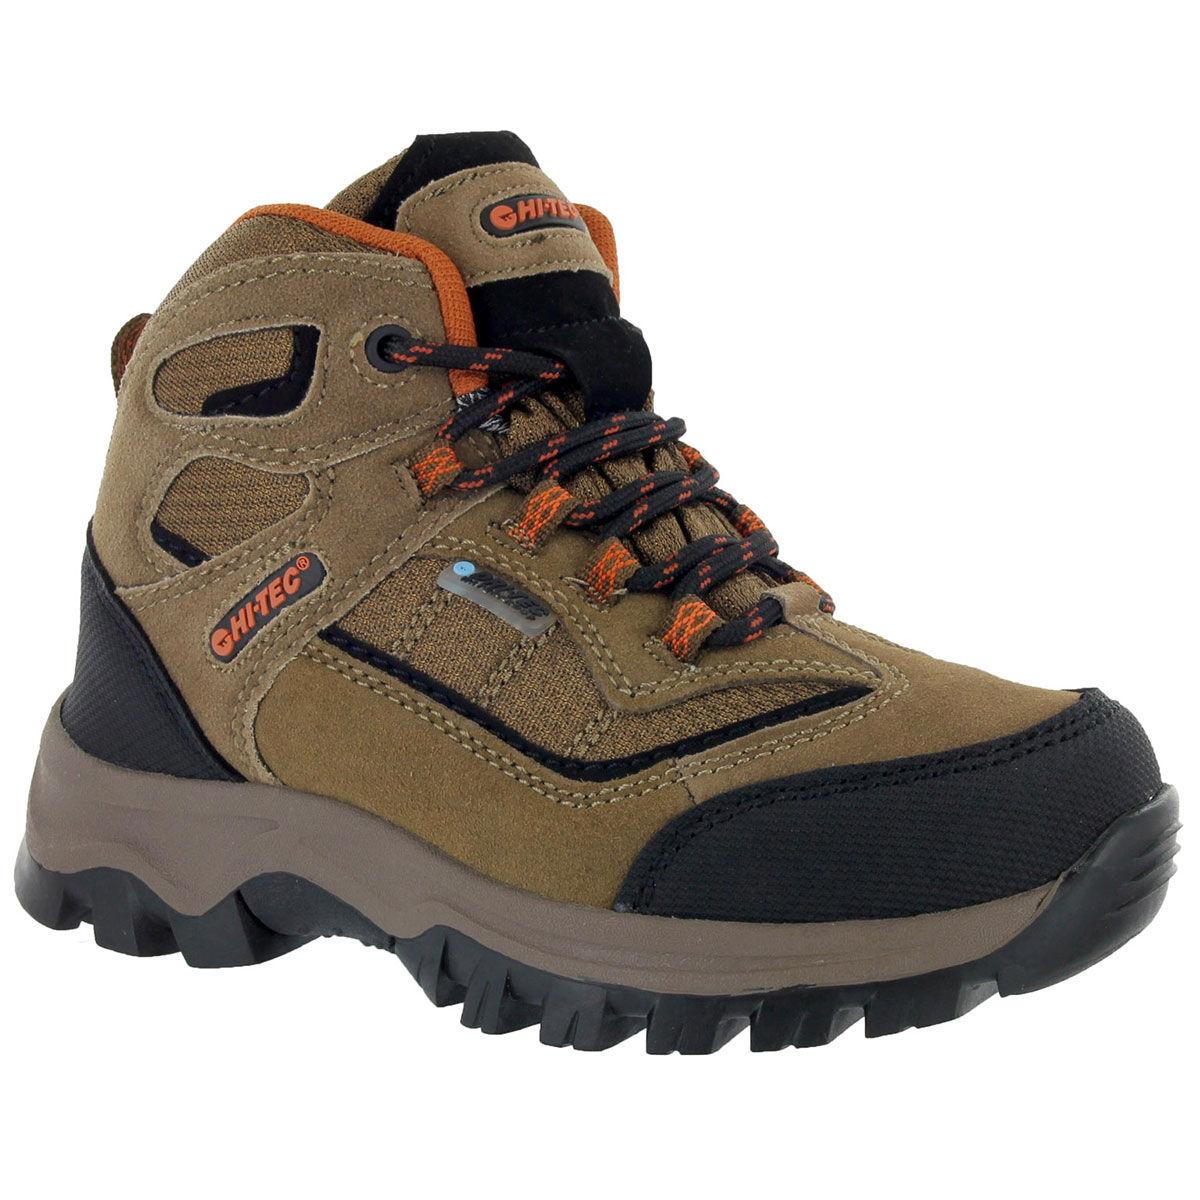 Hi-Tec Hillside Watereproof Boots